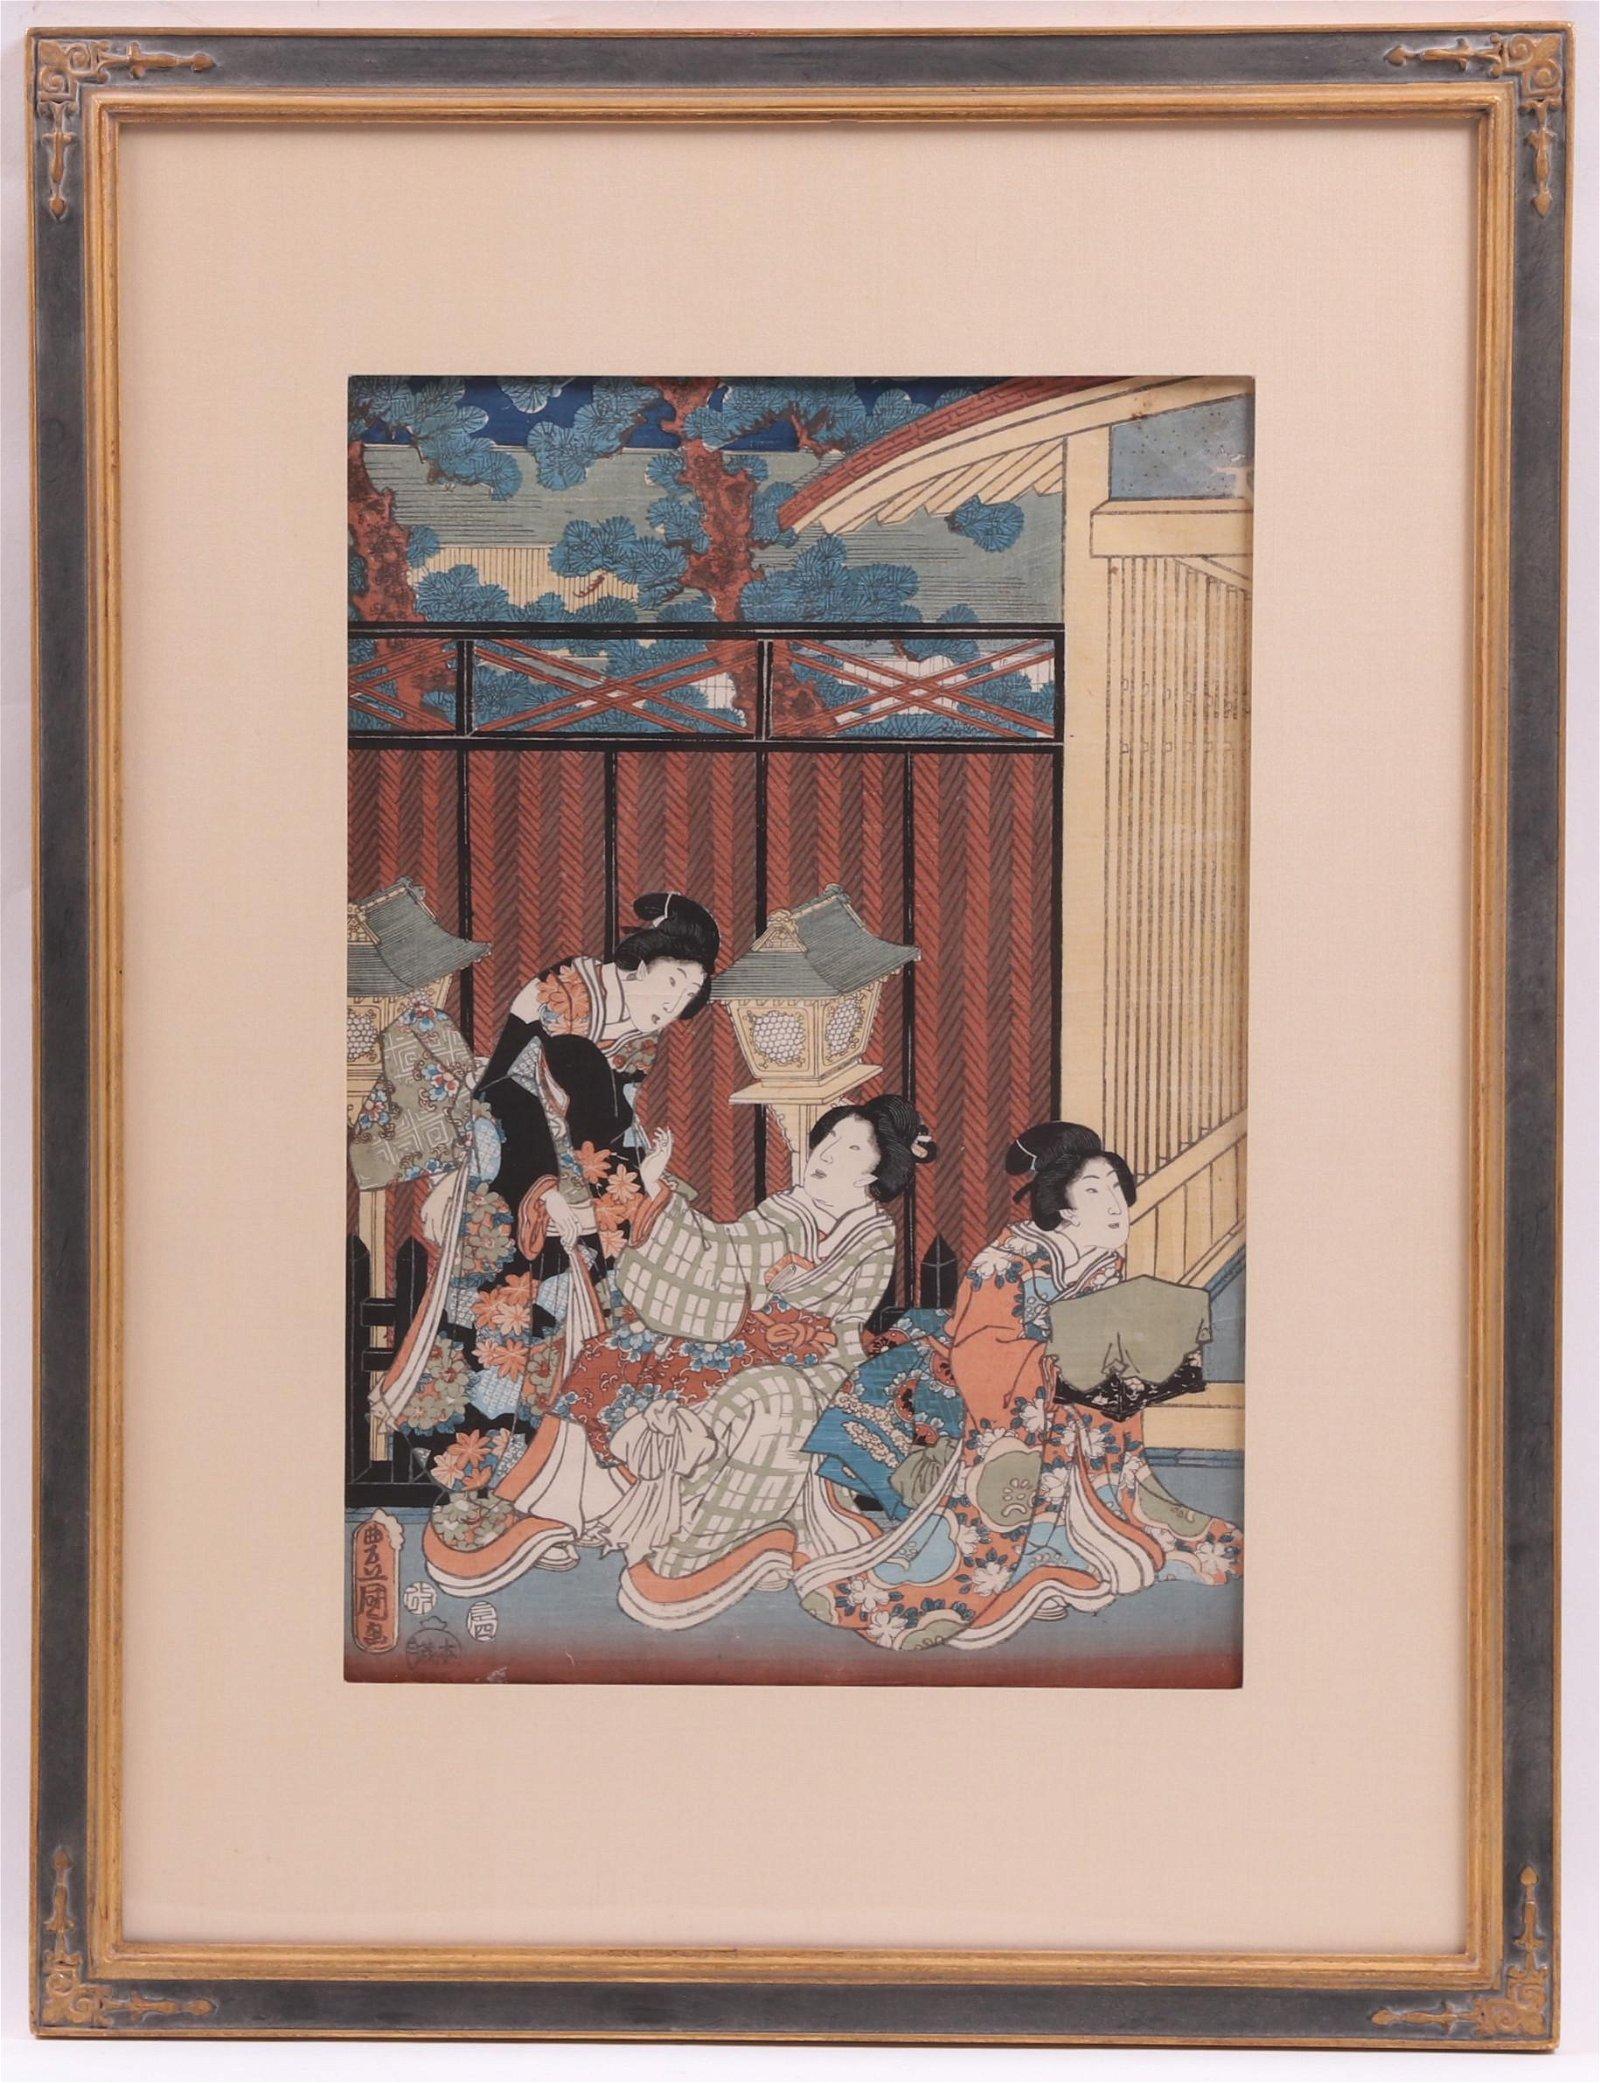 Kunisada (Japanese 1786-1864) Ukiyo-e Woodblock